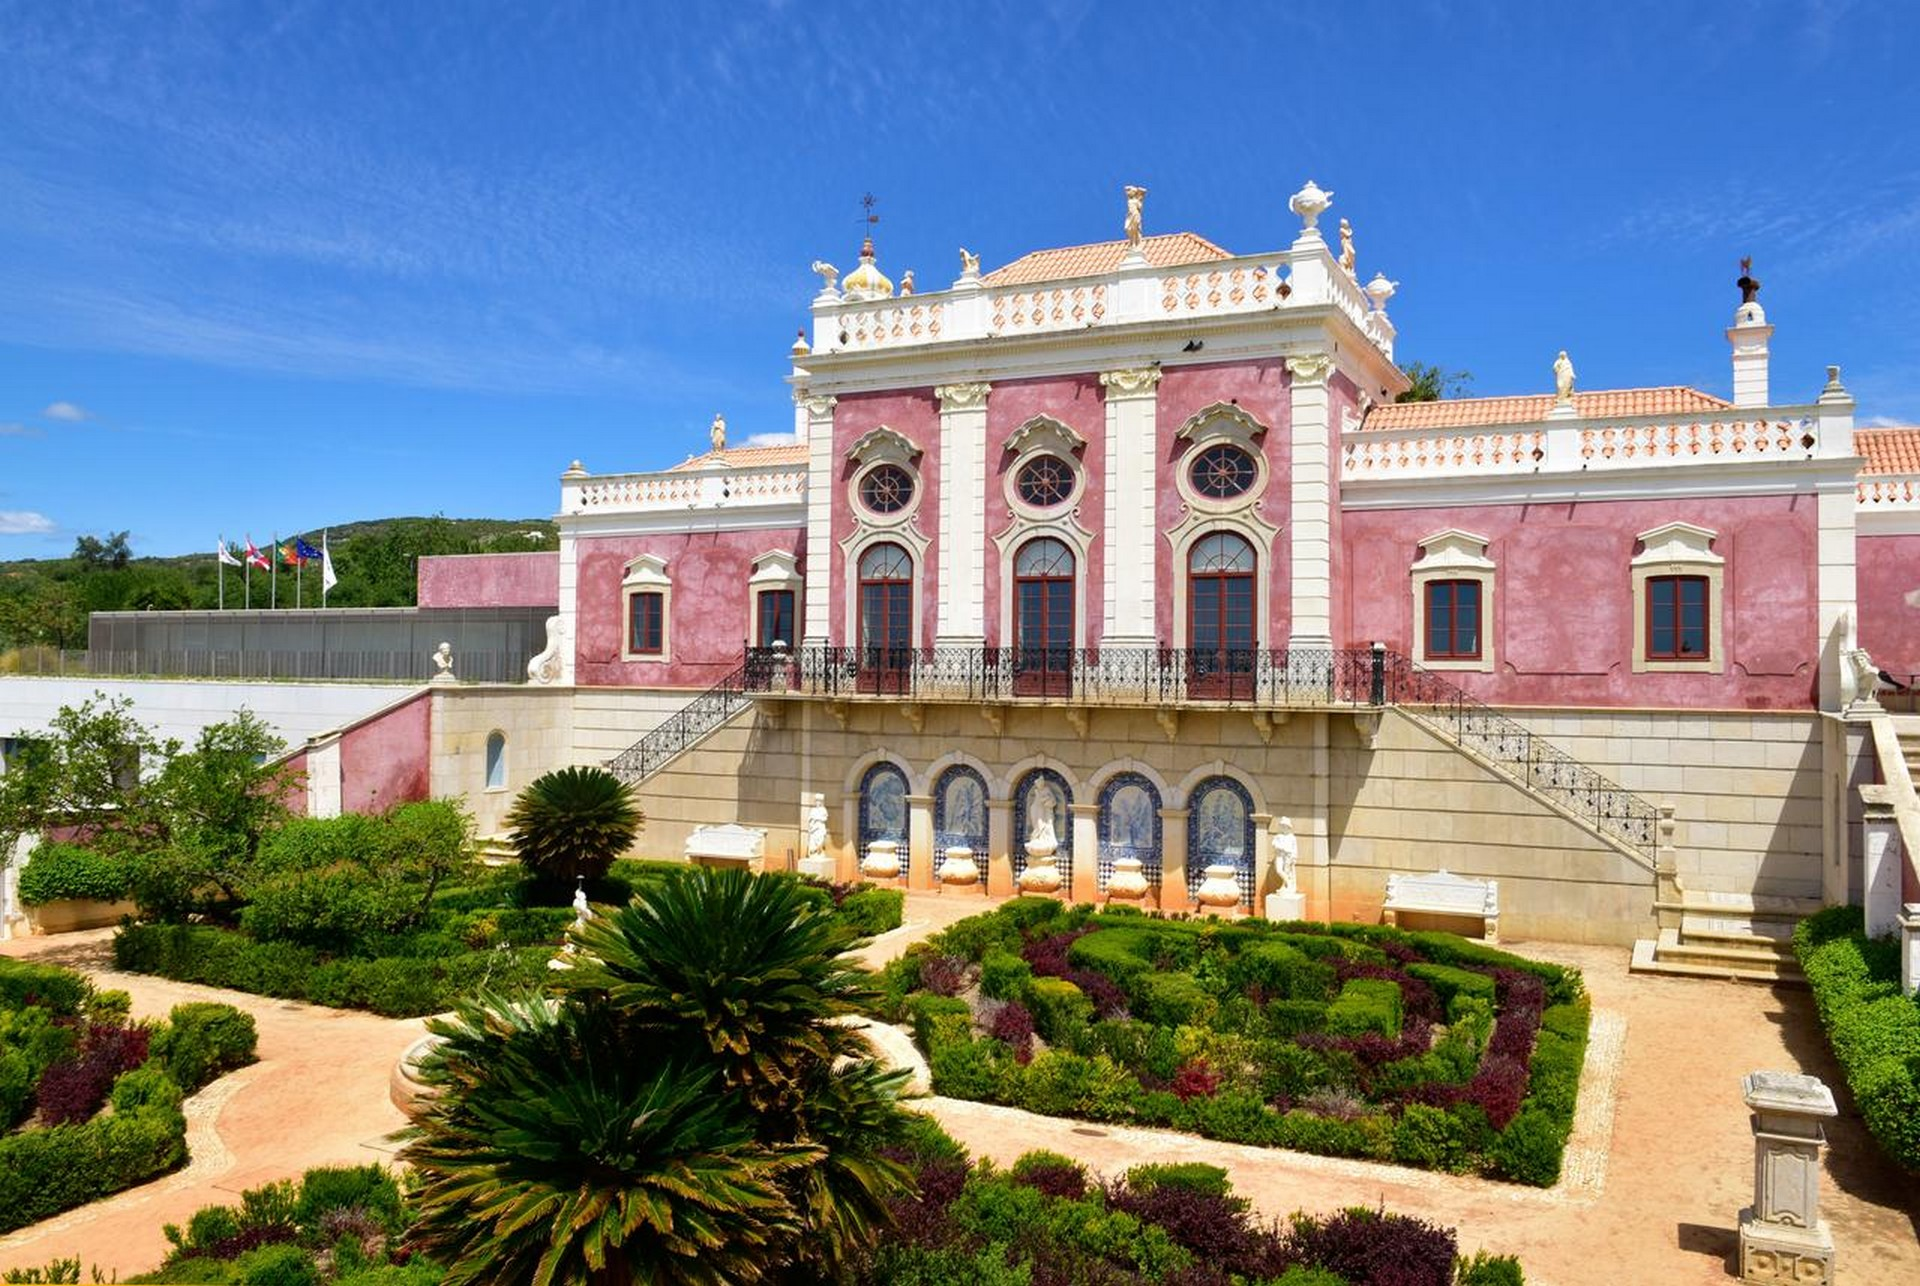 Historic Hotels in Portugal: Palácio de Estoi historic hotels in portugal Historic Hotels in Portugal That You Can't Miss Historic Hotels in Portugal 7